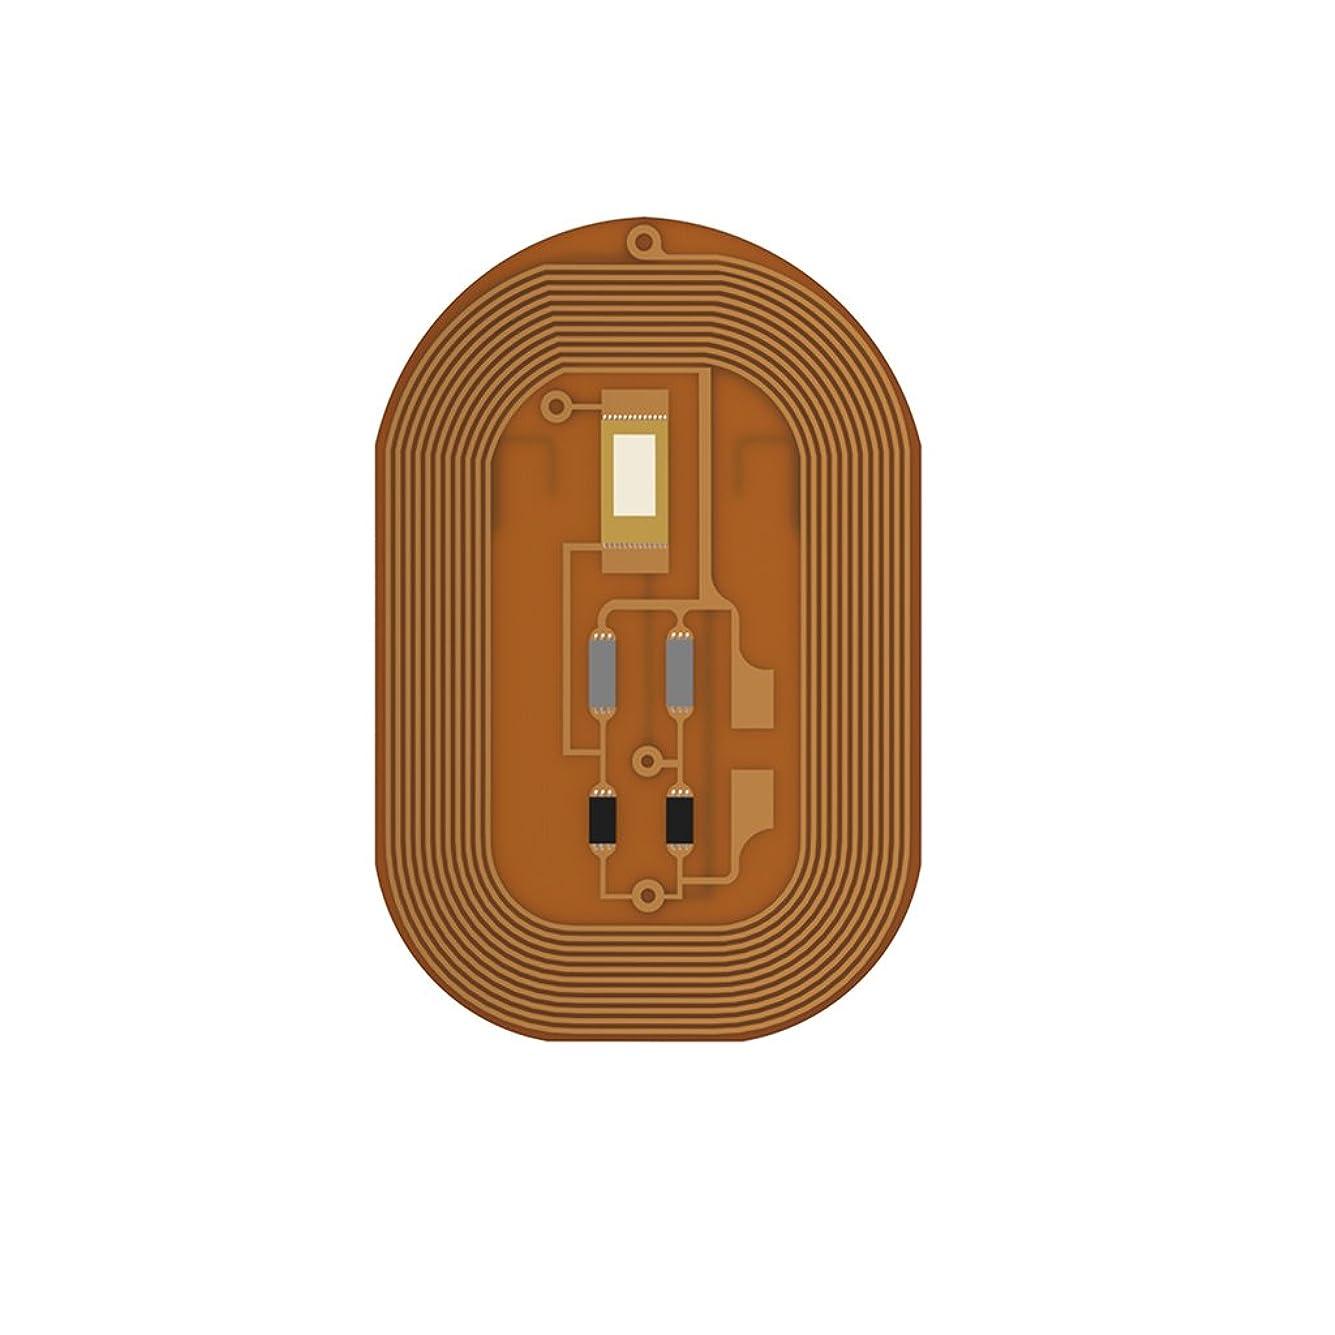 適応物思いにふけるあるIPOTCH ネイルチップ スマートネイル 厚さ0.1mm CE認証  NFCチップ LED ステッカー